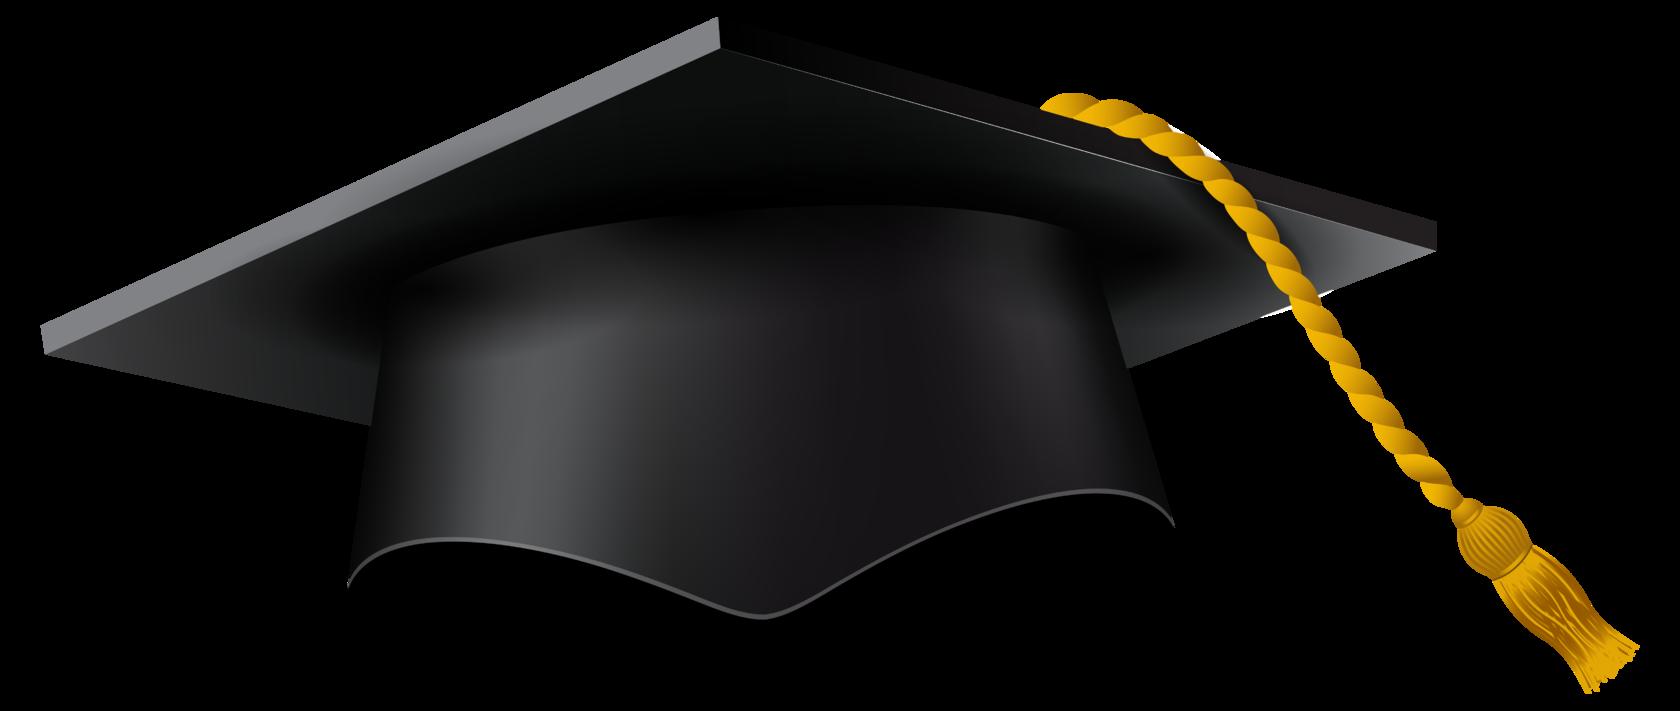 картинки академических шапок растёт весёлым счастливым